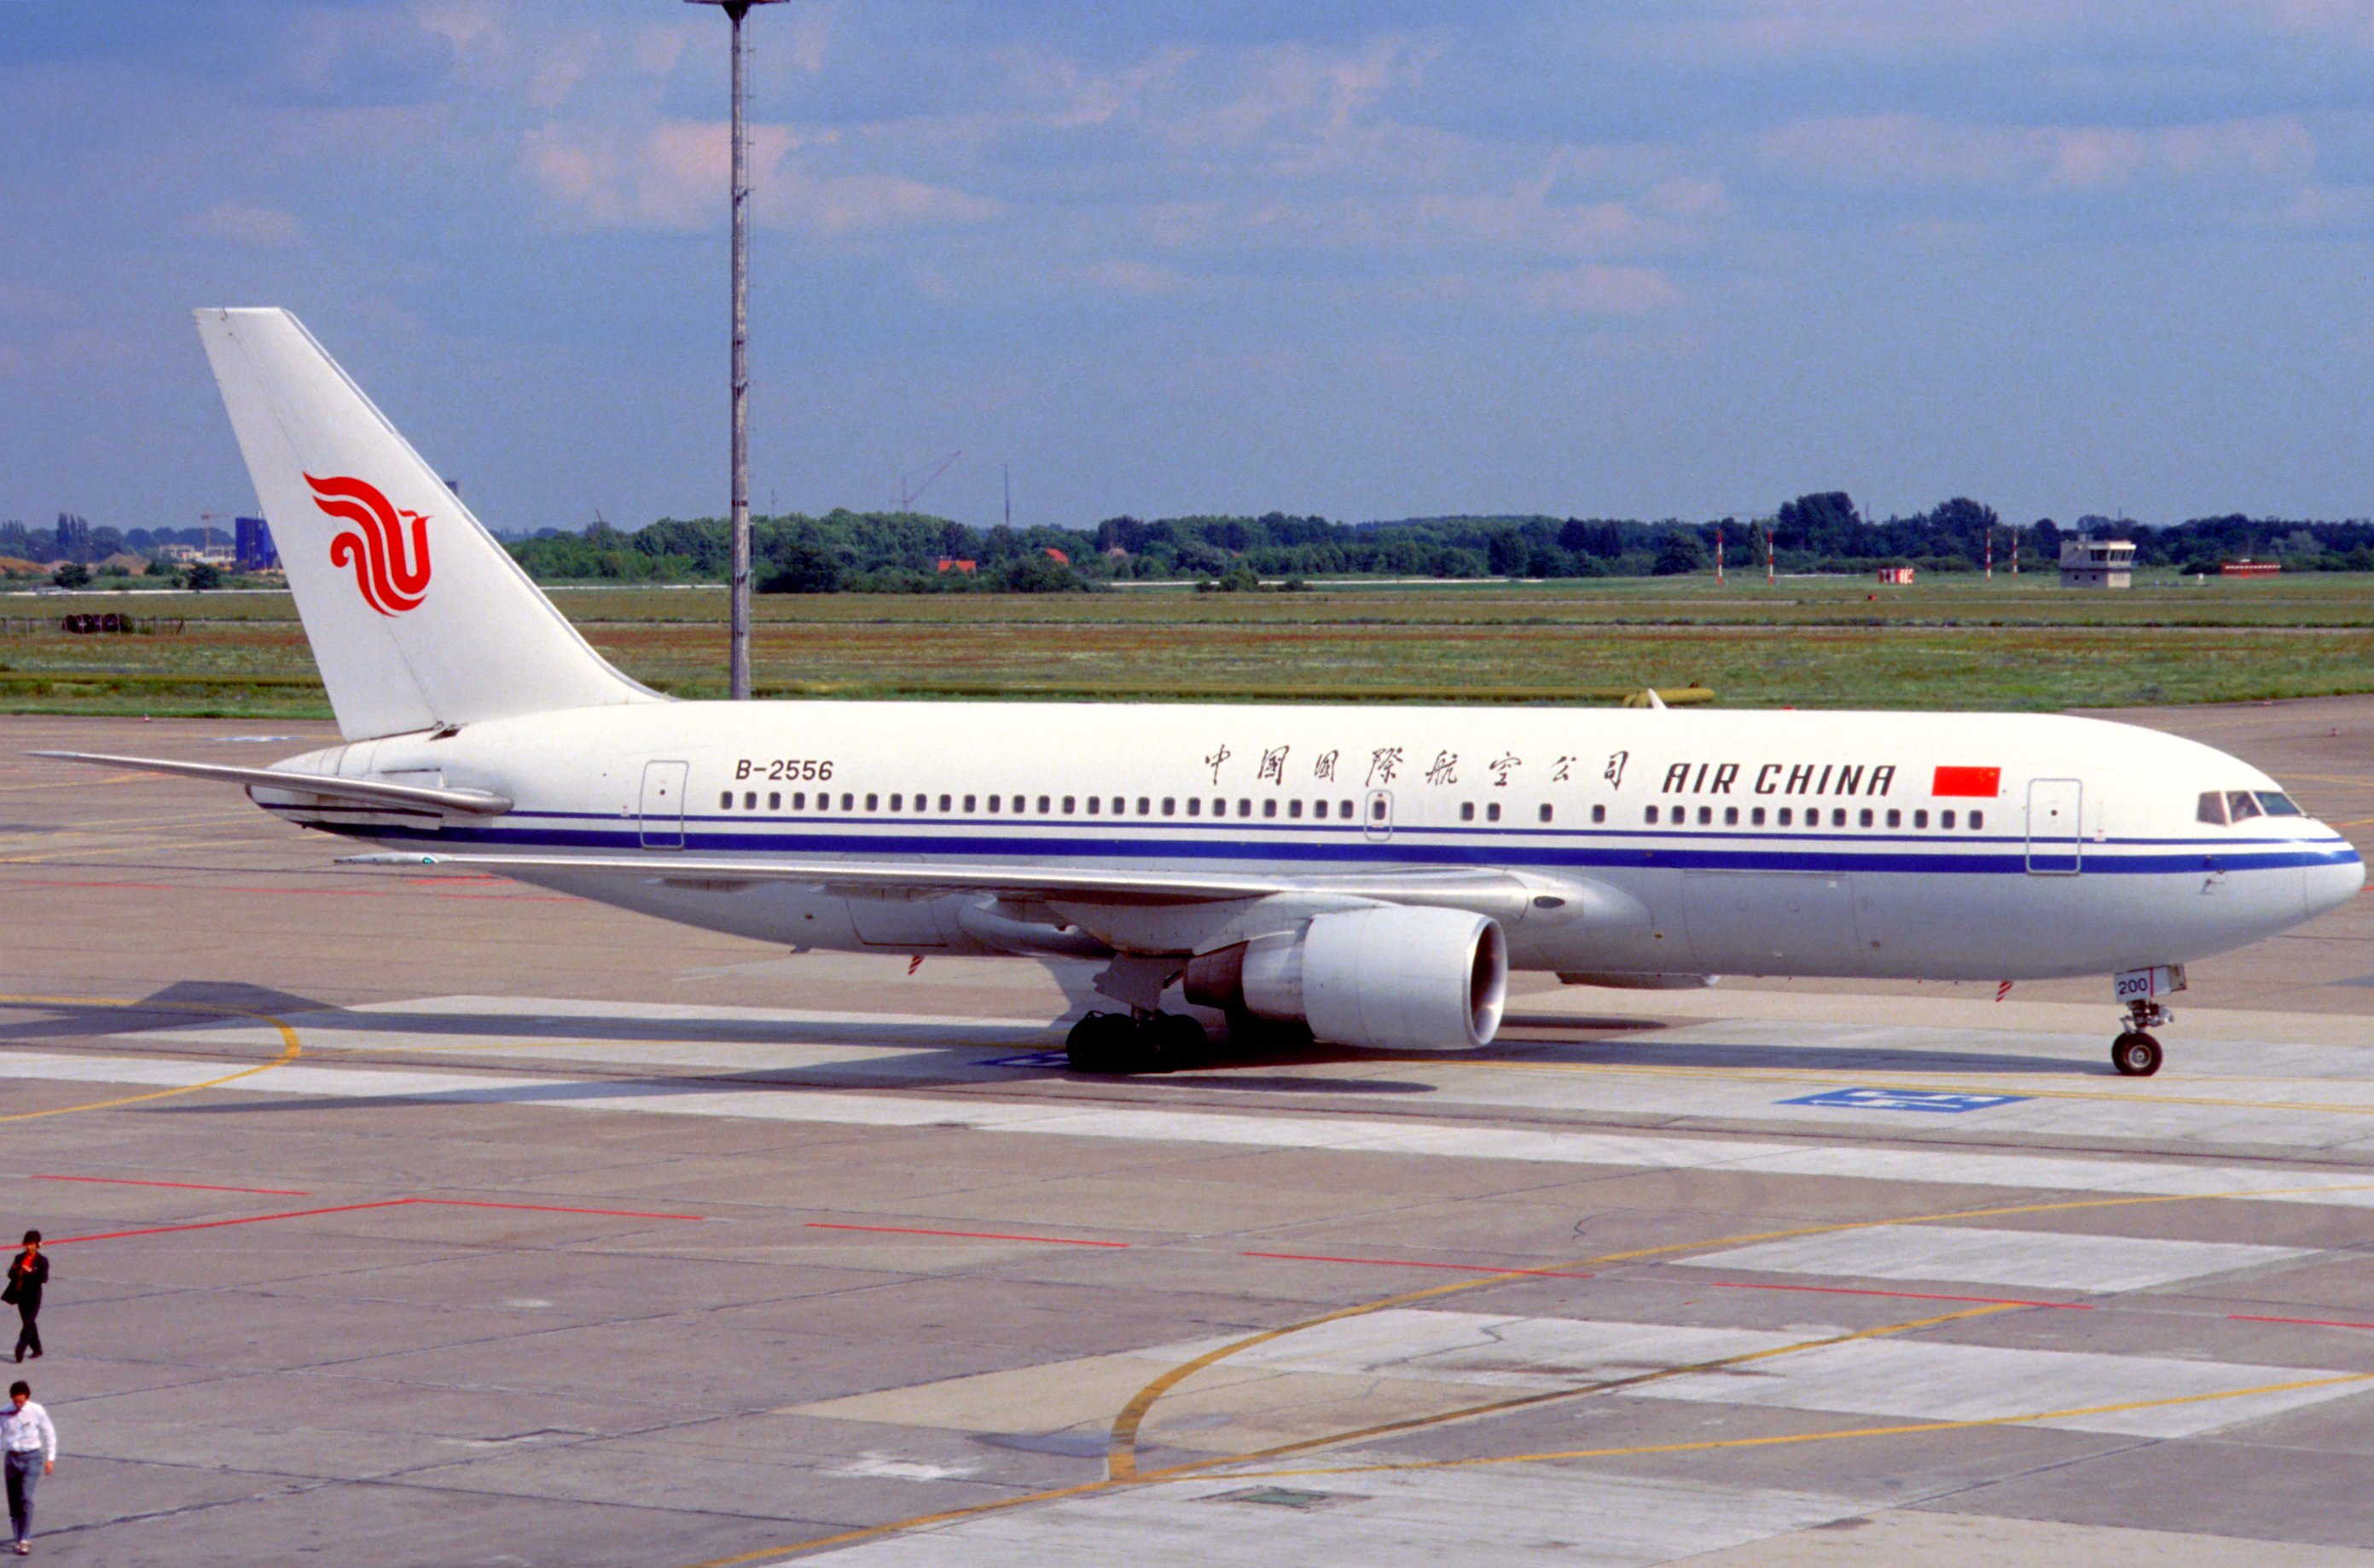 File:Air China Boeing 767-2J6ER; B-2556, July 2003 (